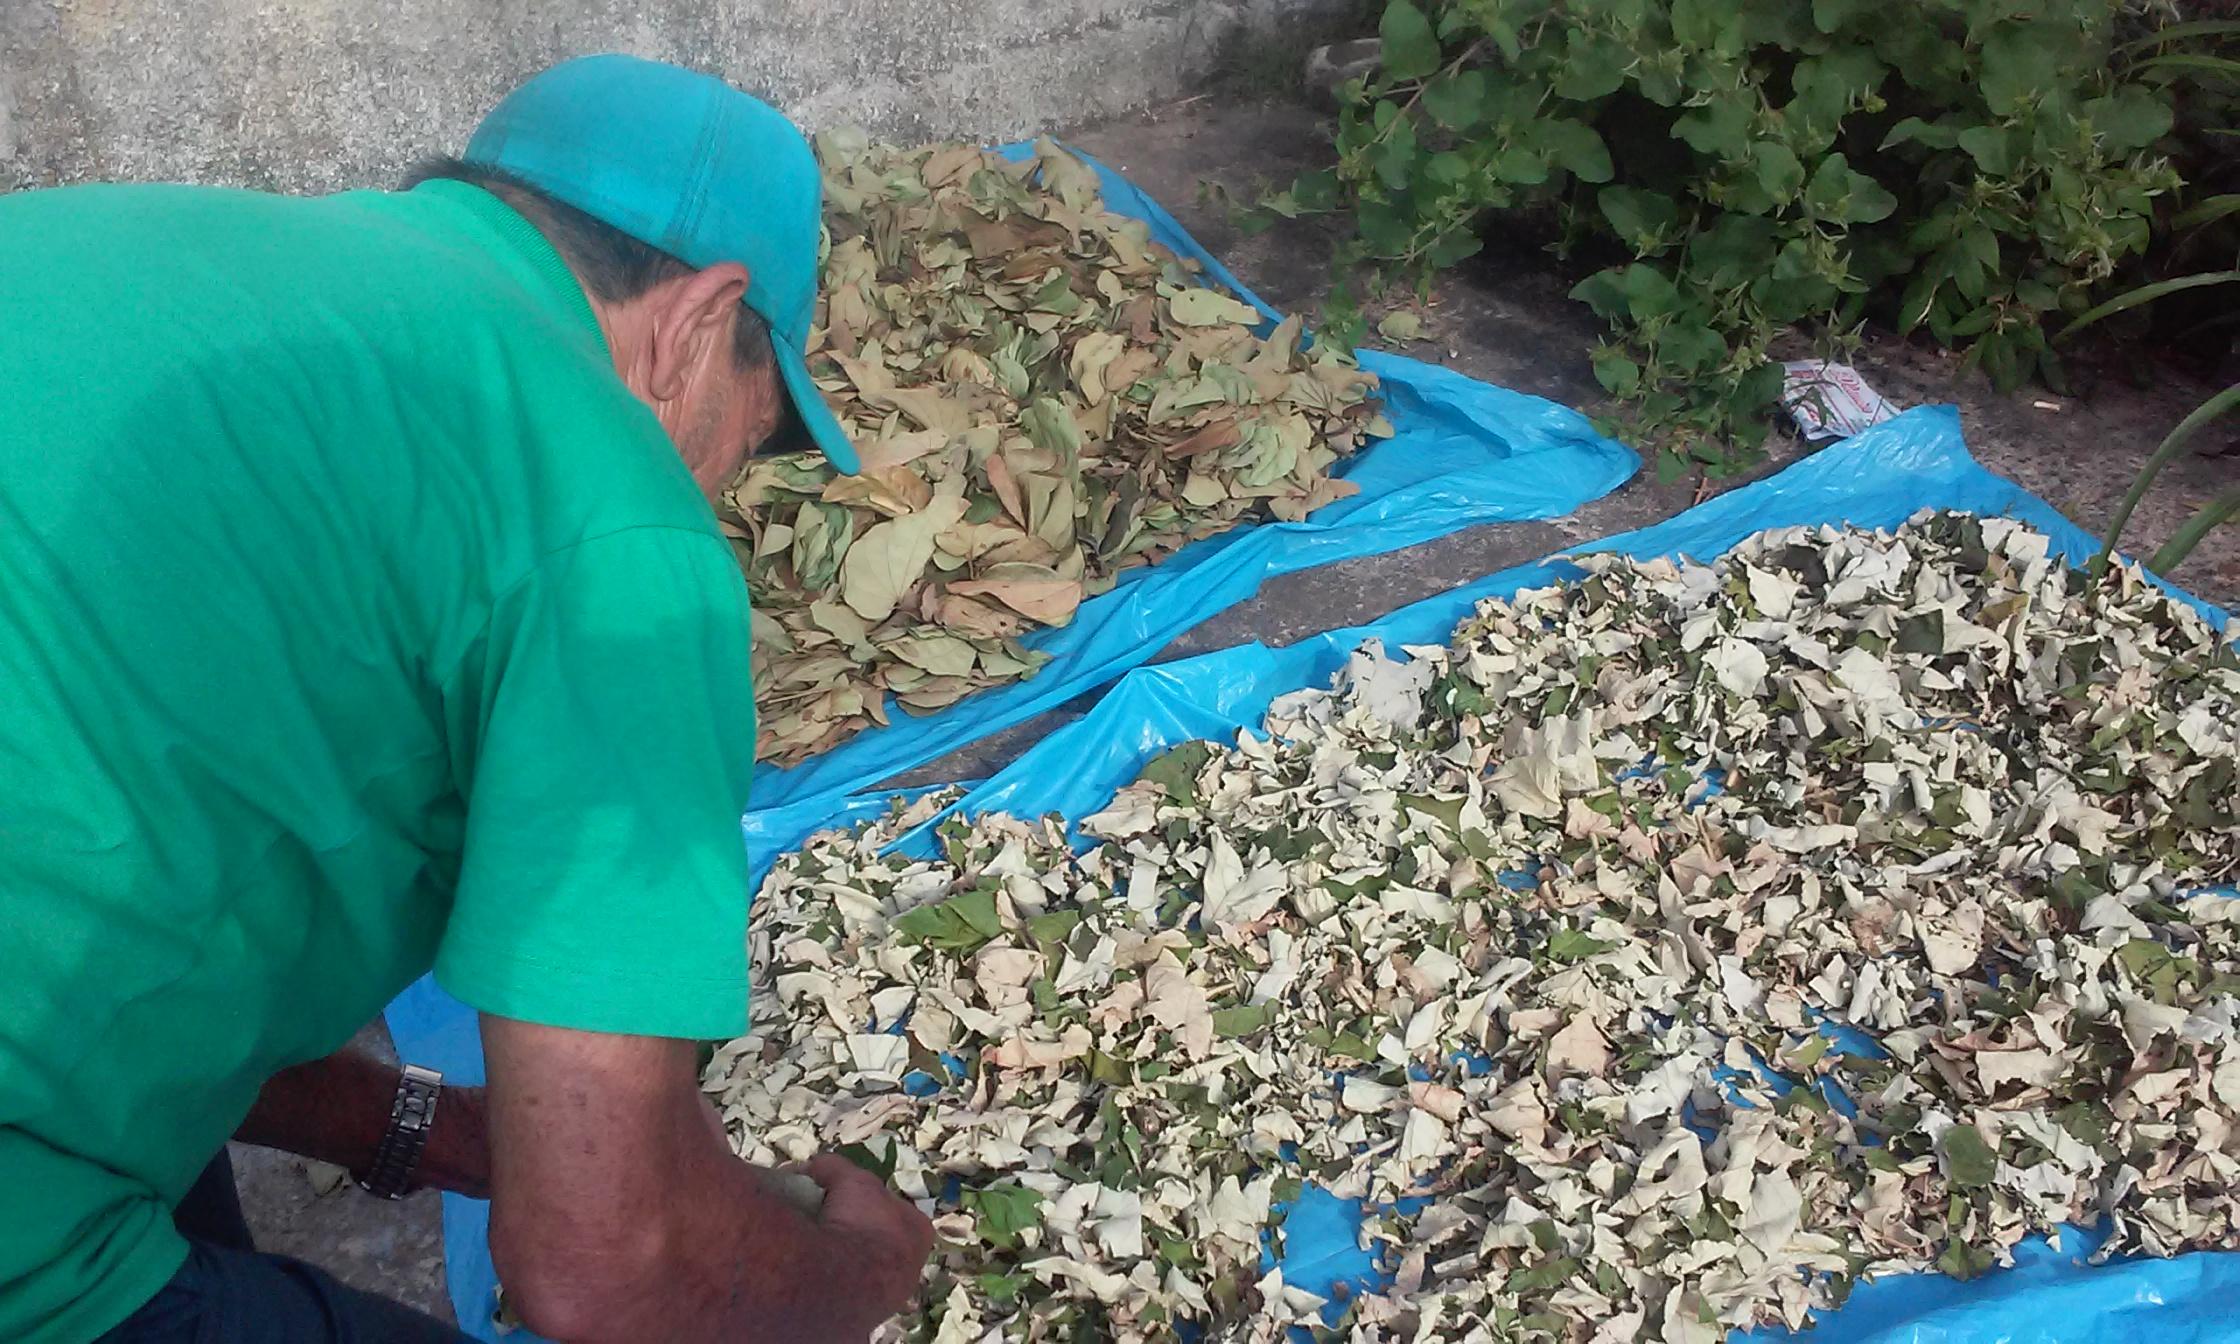 As plantas medicinais são preparadas por Orlando Vicentini antes de serem comercializadas. FOTO/VAN: Scarlet Freitas